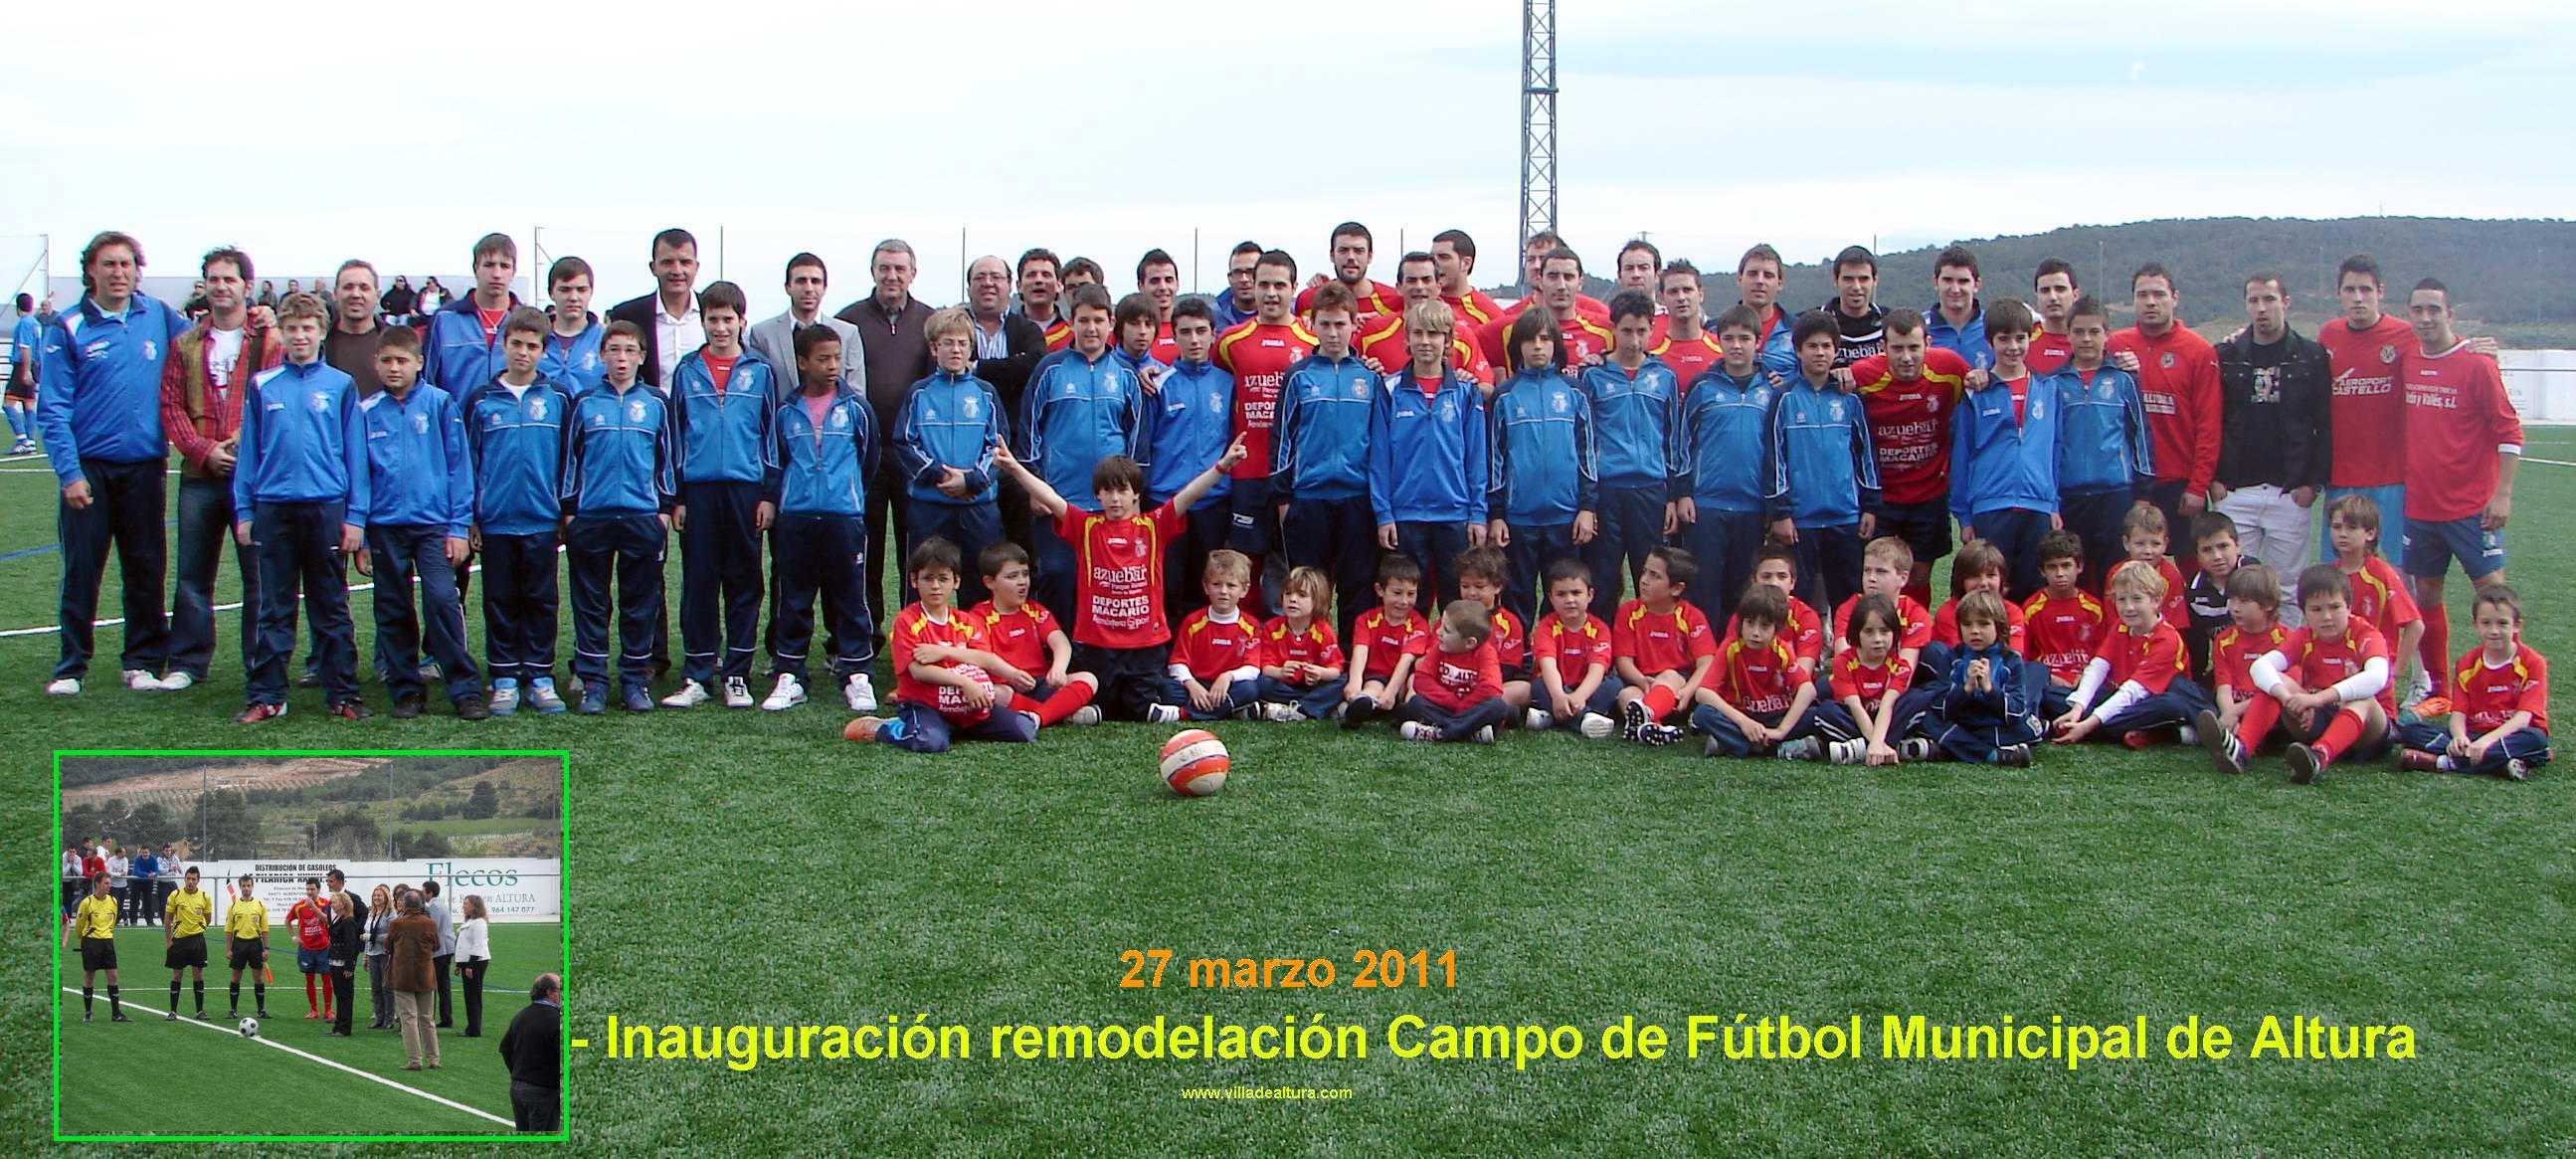 PINCHAR PARA VER LA FOTOGRAFIA EN GRAN TAMAÑO - Inauguración de la remodelación del Campo de Fútbol Municipal de la Villa de Altura (27 marzo 2011)